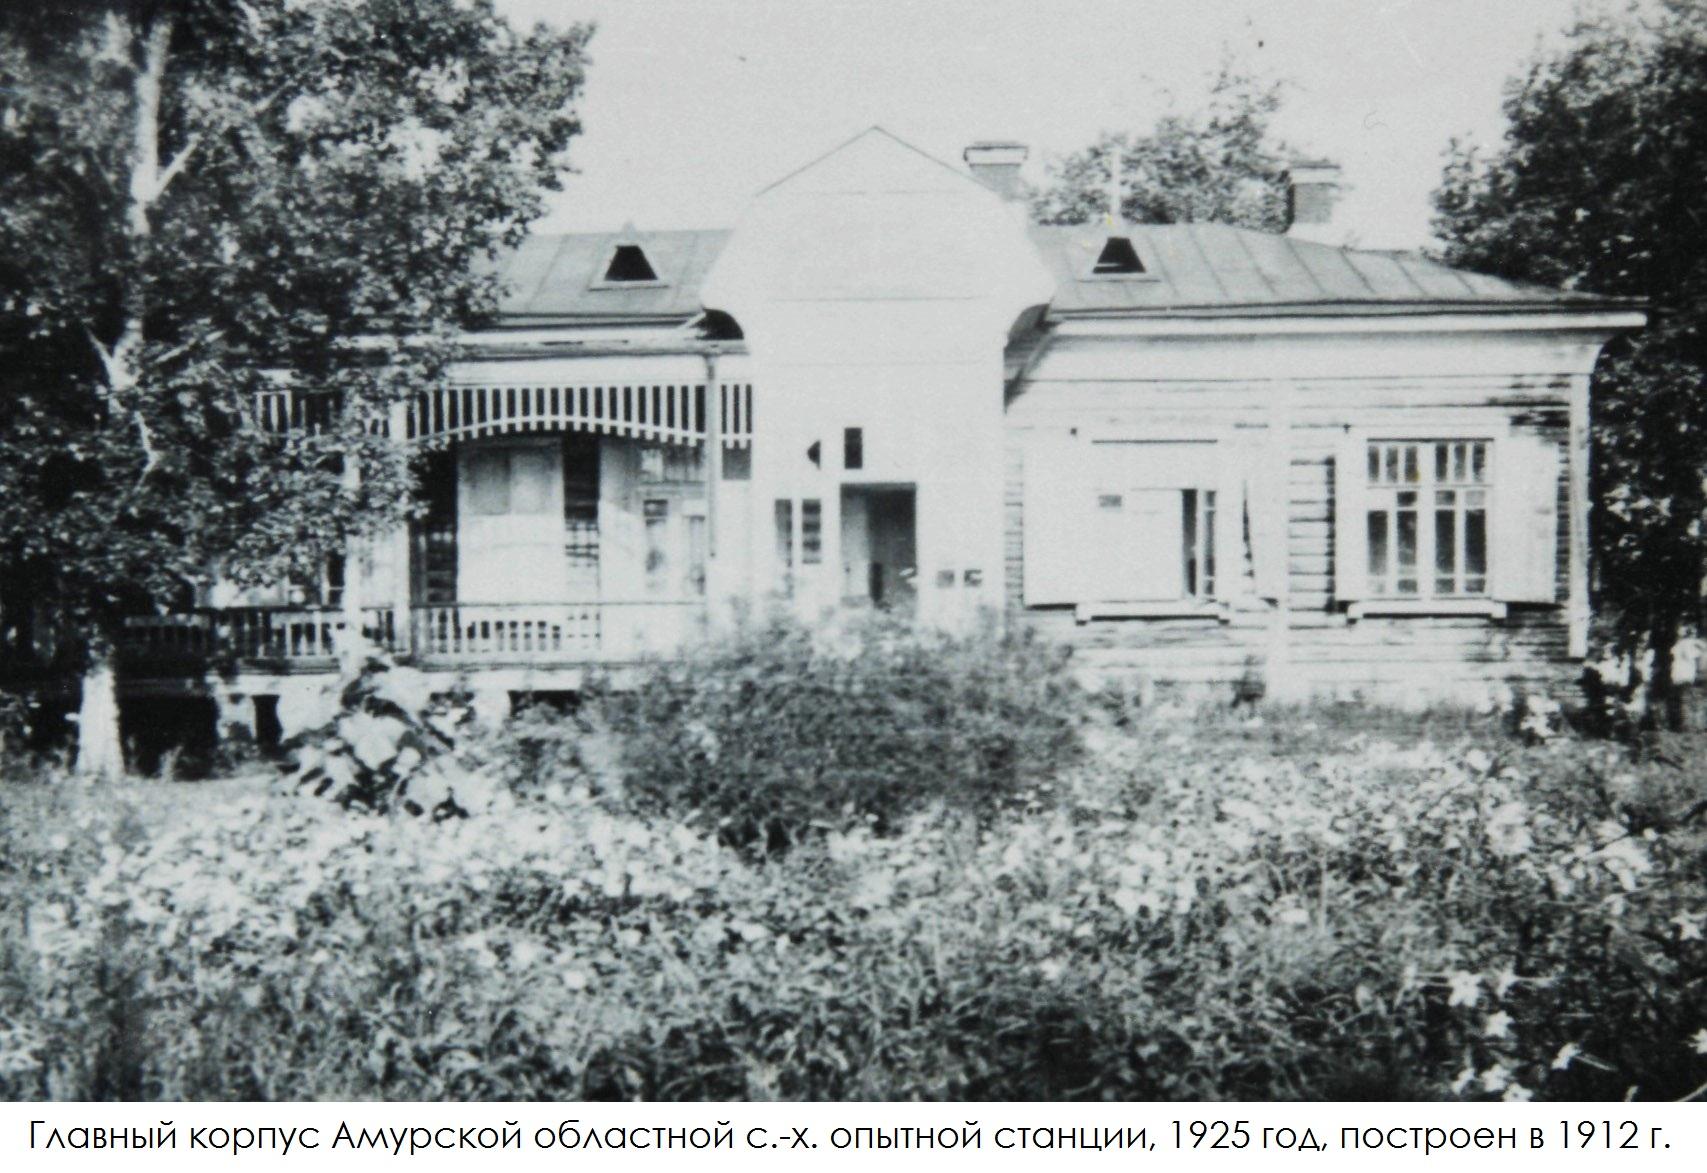 Главный корпус Амурской областной с.-х. опытной станции1